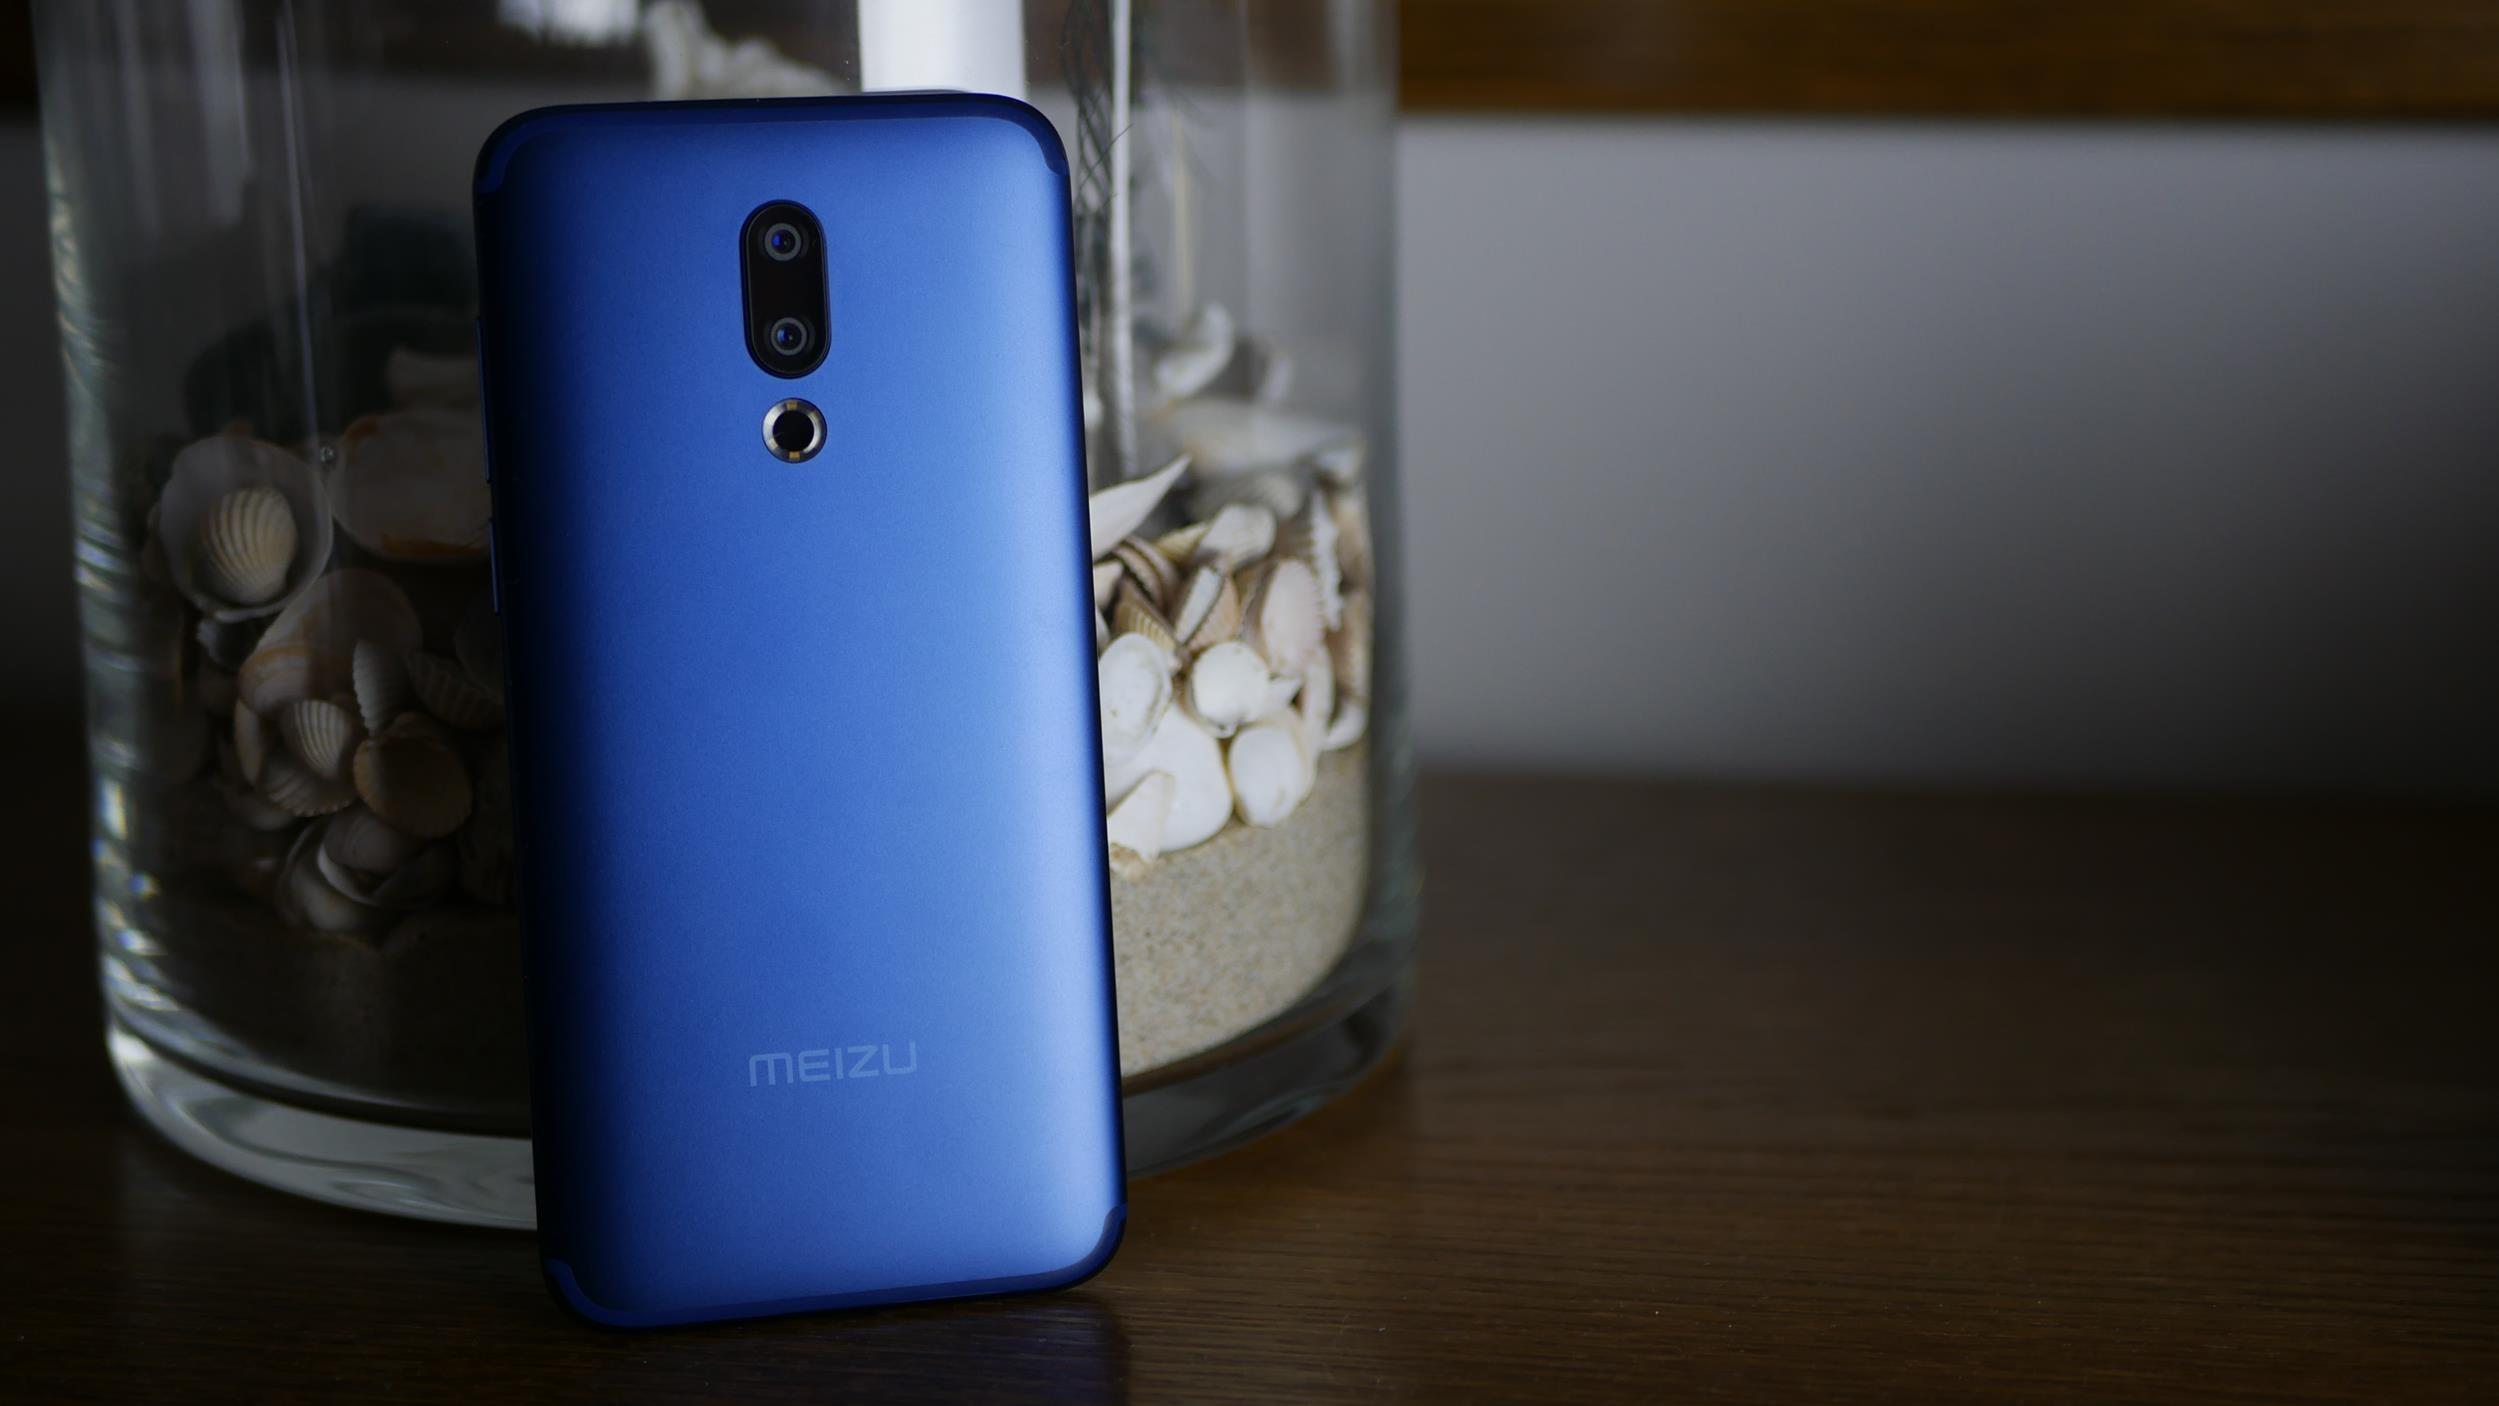 Recenzja Meizu 16 - smartfona, w którym poważnych wad jest zbyt wiele... 75